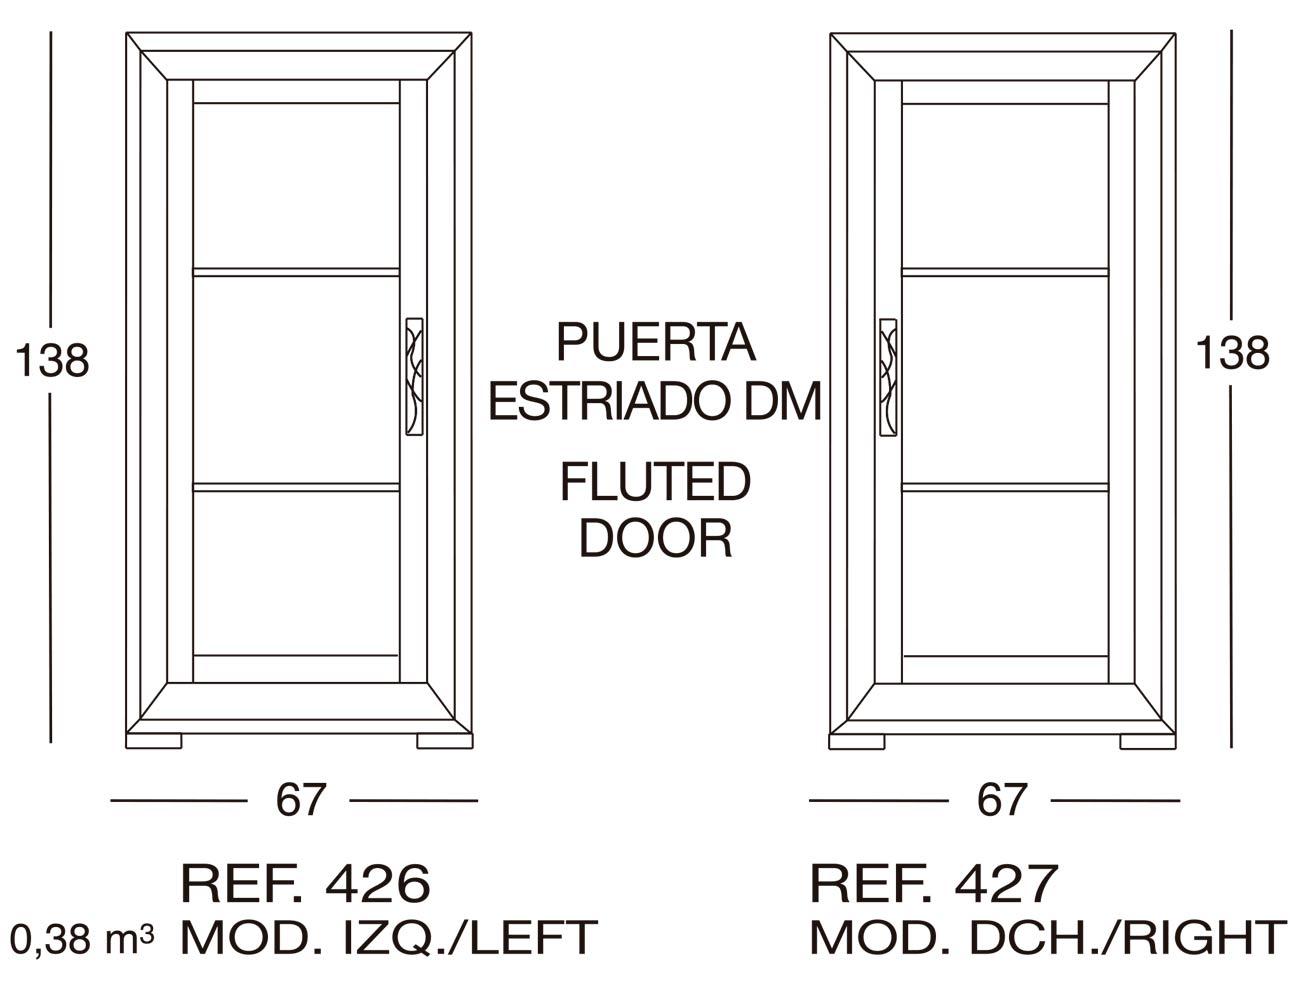 Modulo dcho puerta estriado dm 427